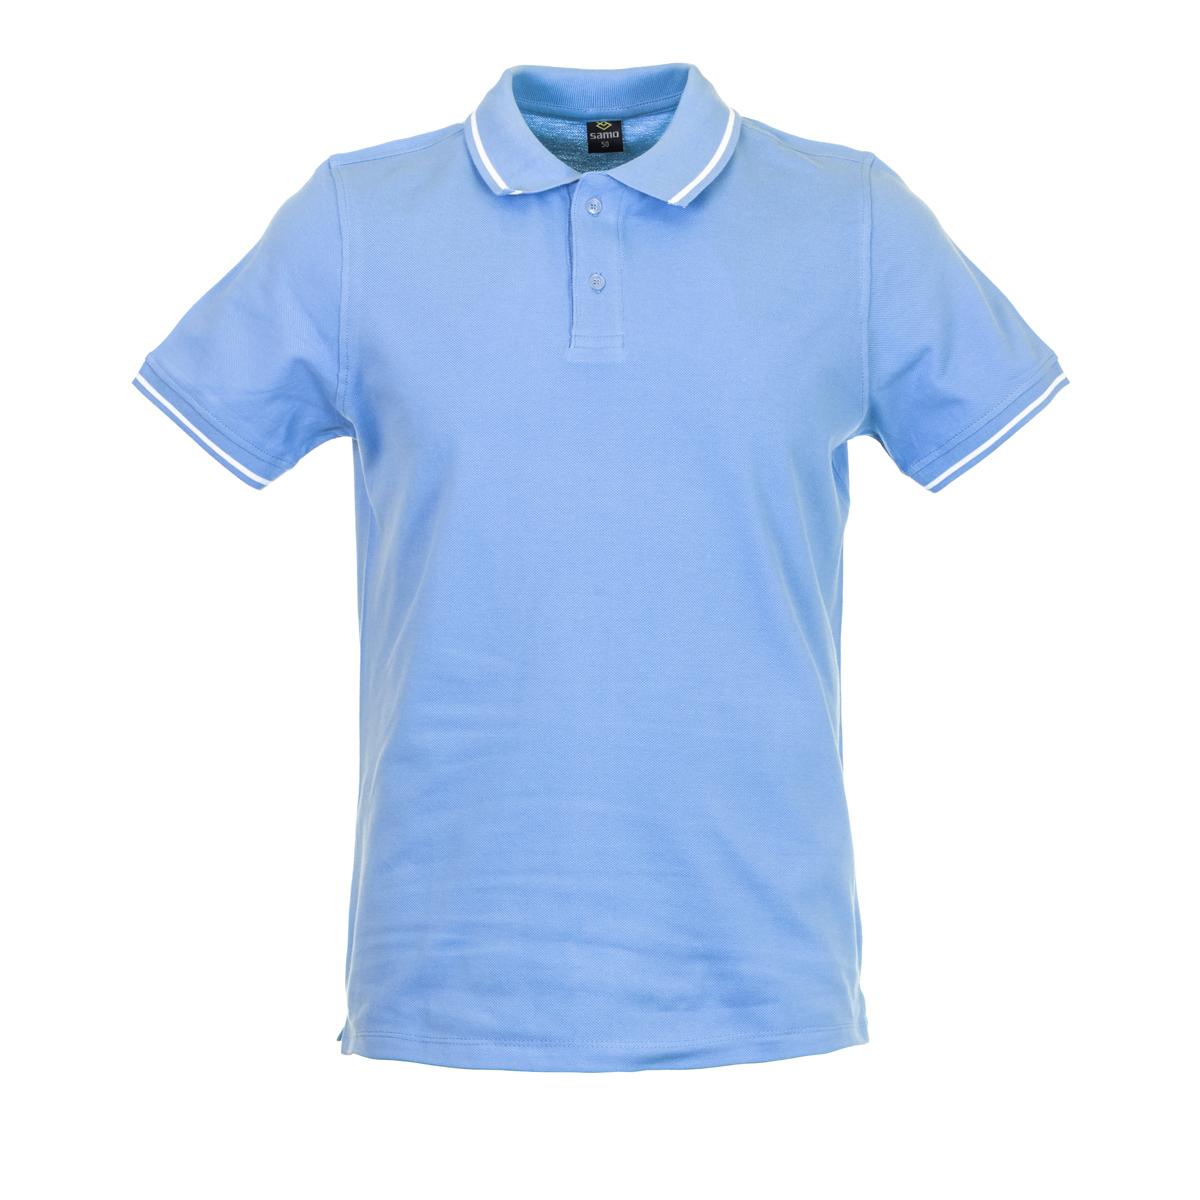 Муж. футболка арт. 04-0061 р. 56 - Мужская одежда артикул: 26334